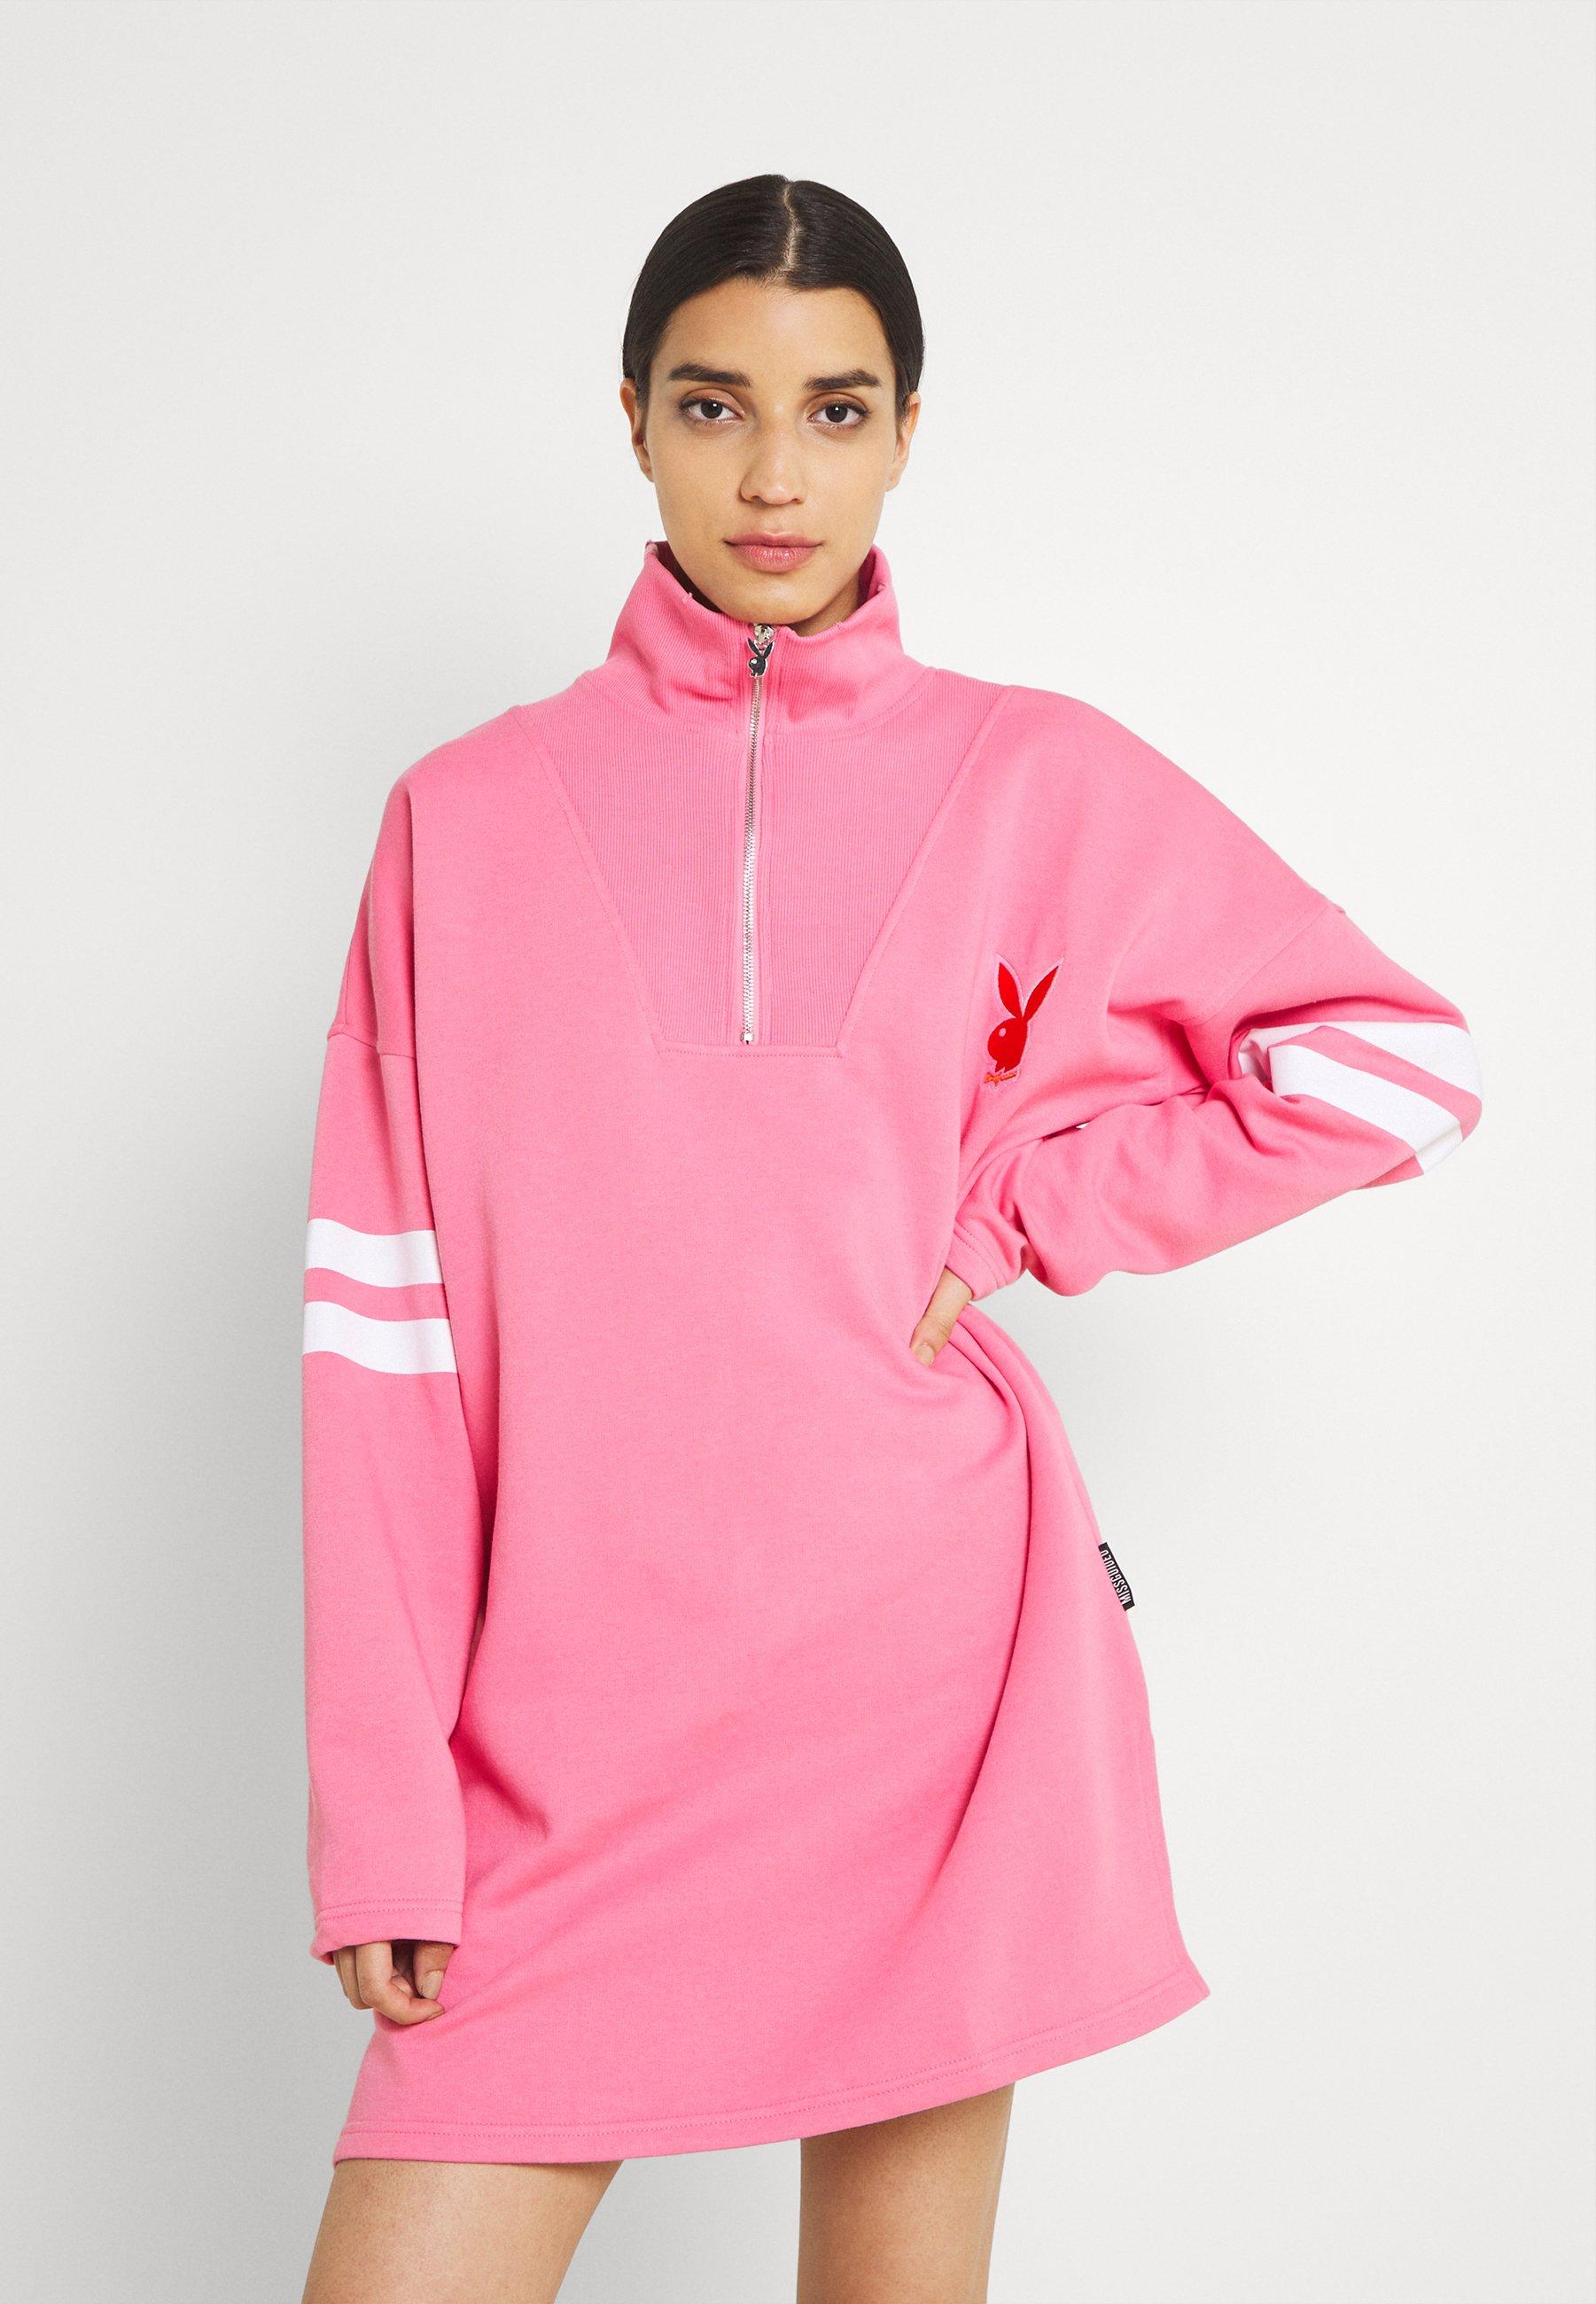 Women PLAYBOY VARISTY 3/4 ZIP - Sweatshirt